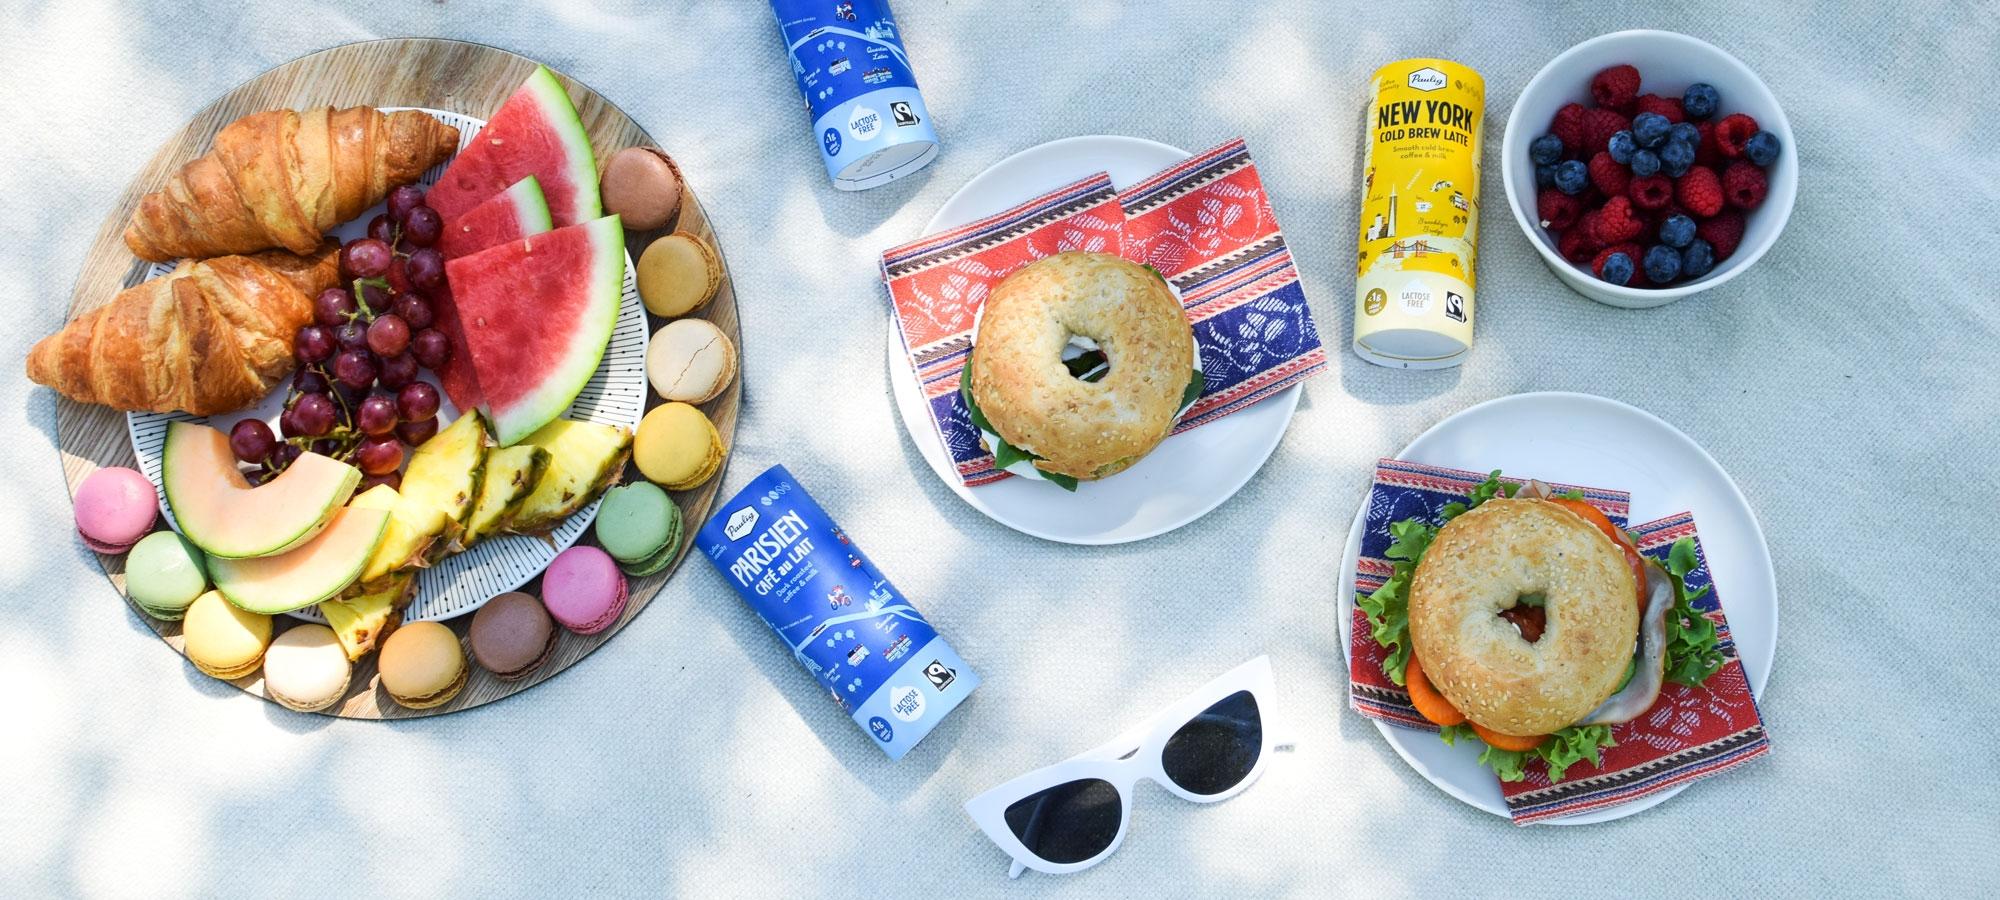 New Yorkista ja Pariisista inspiroituneessa piknik-kattauksessa on bageleita, croissantteja ja hedelmiä sekä tietenkin kaupunkikahvijuomat